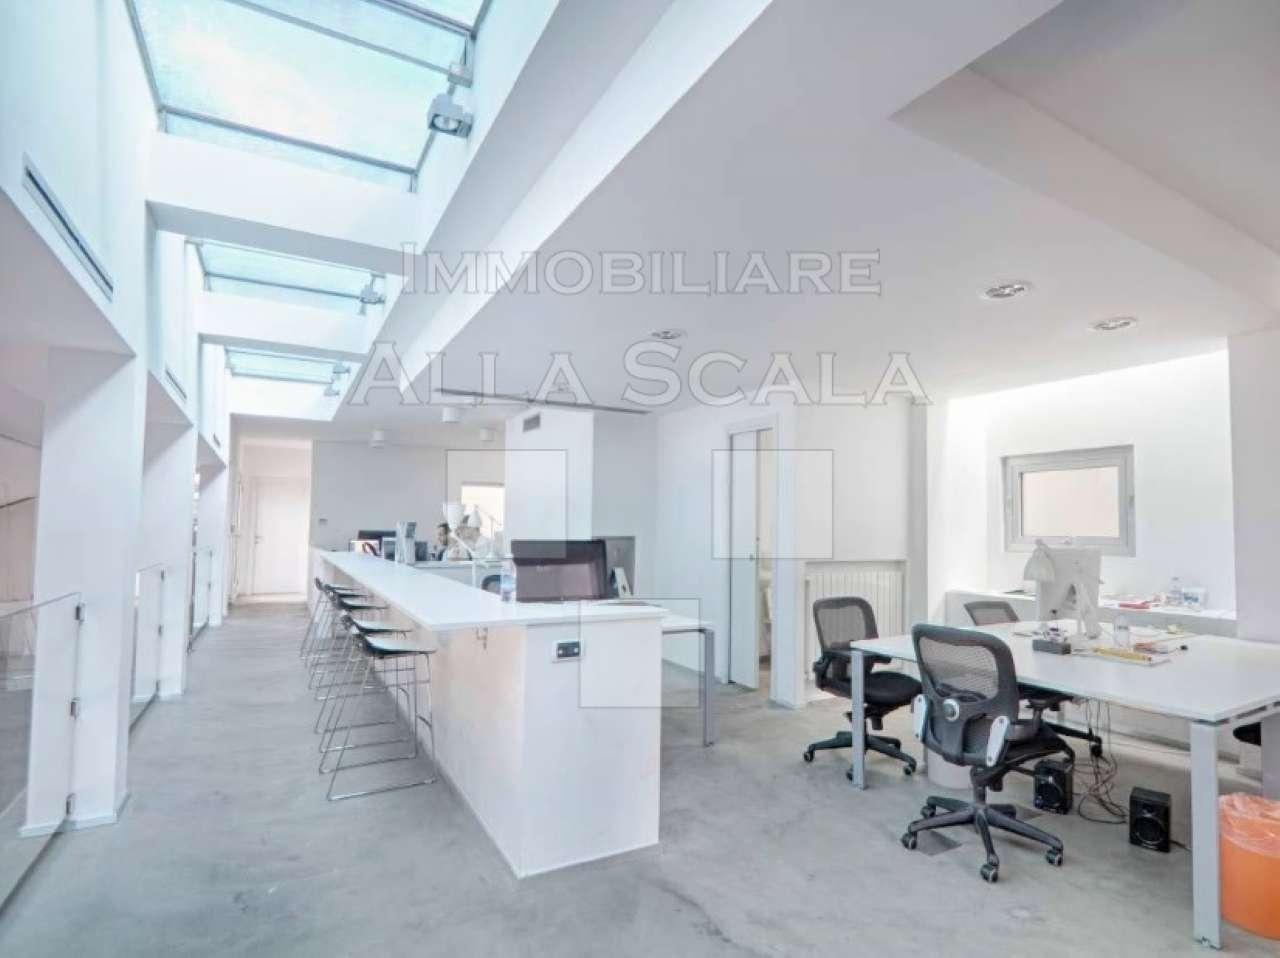 Ufficio Open Space Milano Affitto : Ufficio studio in affitto a milano via solferino trovocasa